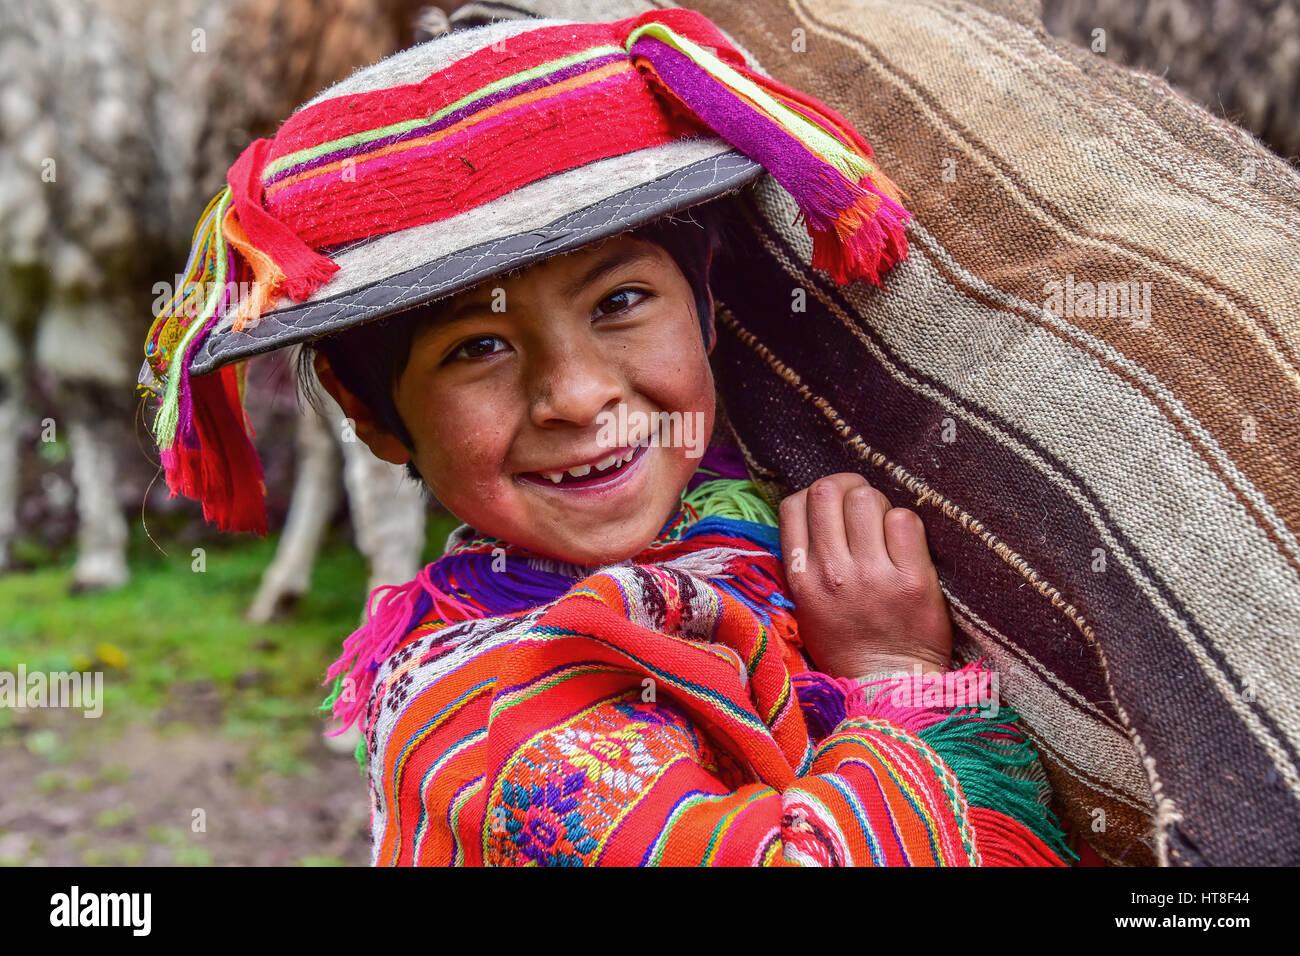 Poncho Peru Imágenes De Stock   Poncho Peru Fotos De Stock - Alamy b3246ac63c5